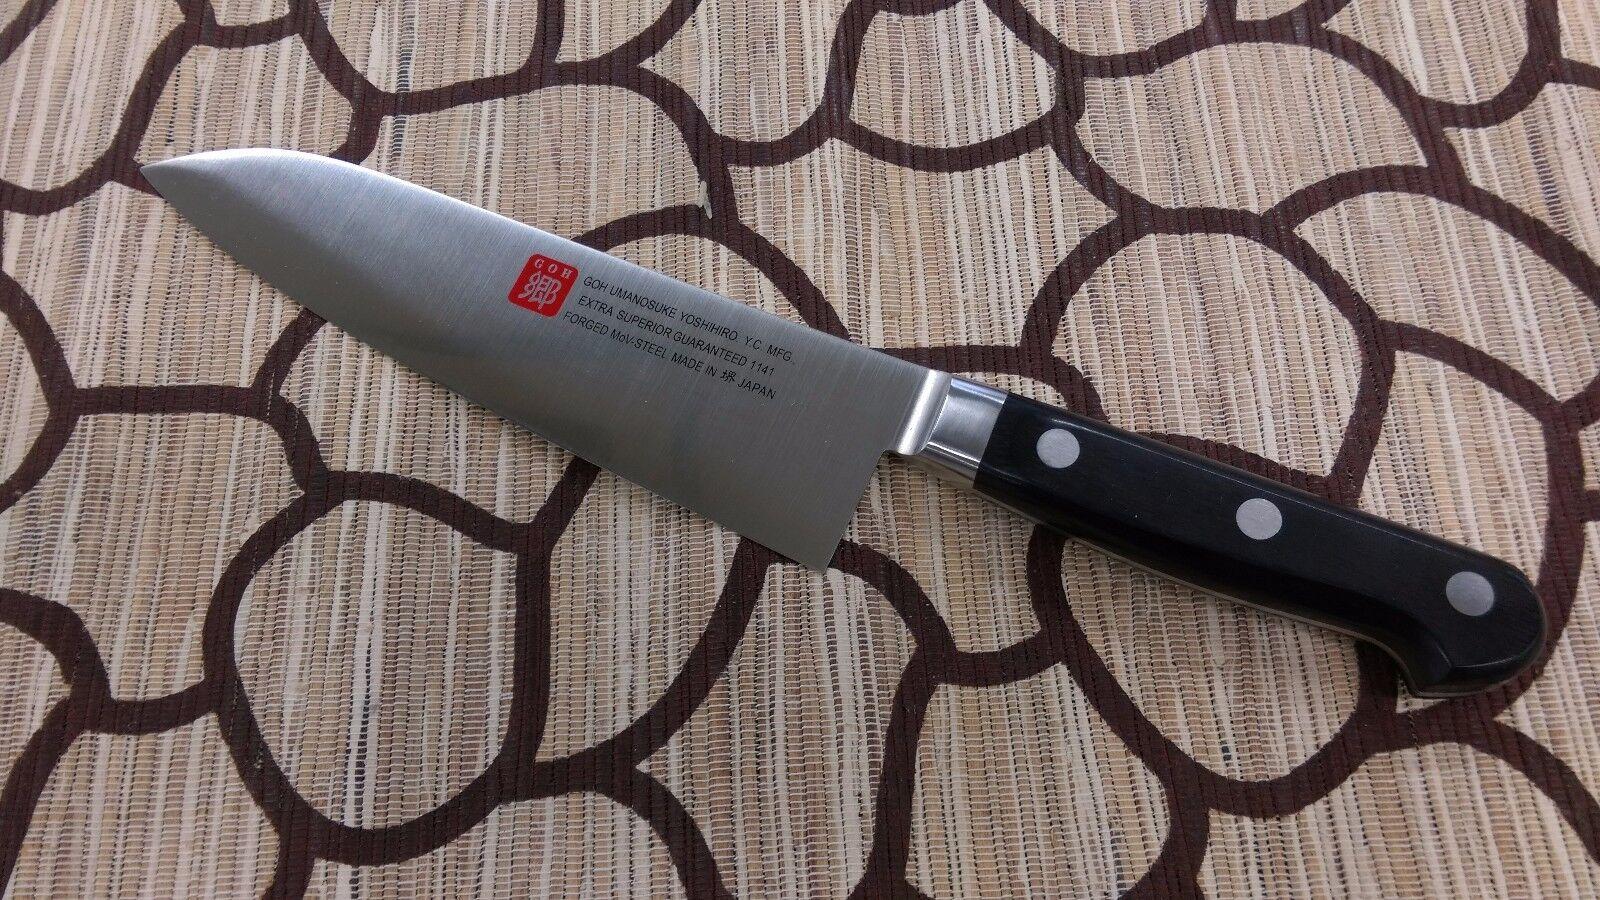 Sakai japonais couteaux de cuisine  Yoshihiro chef Garanti  1141 Santoku Couteau